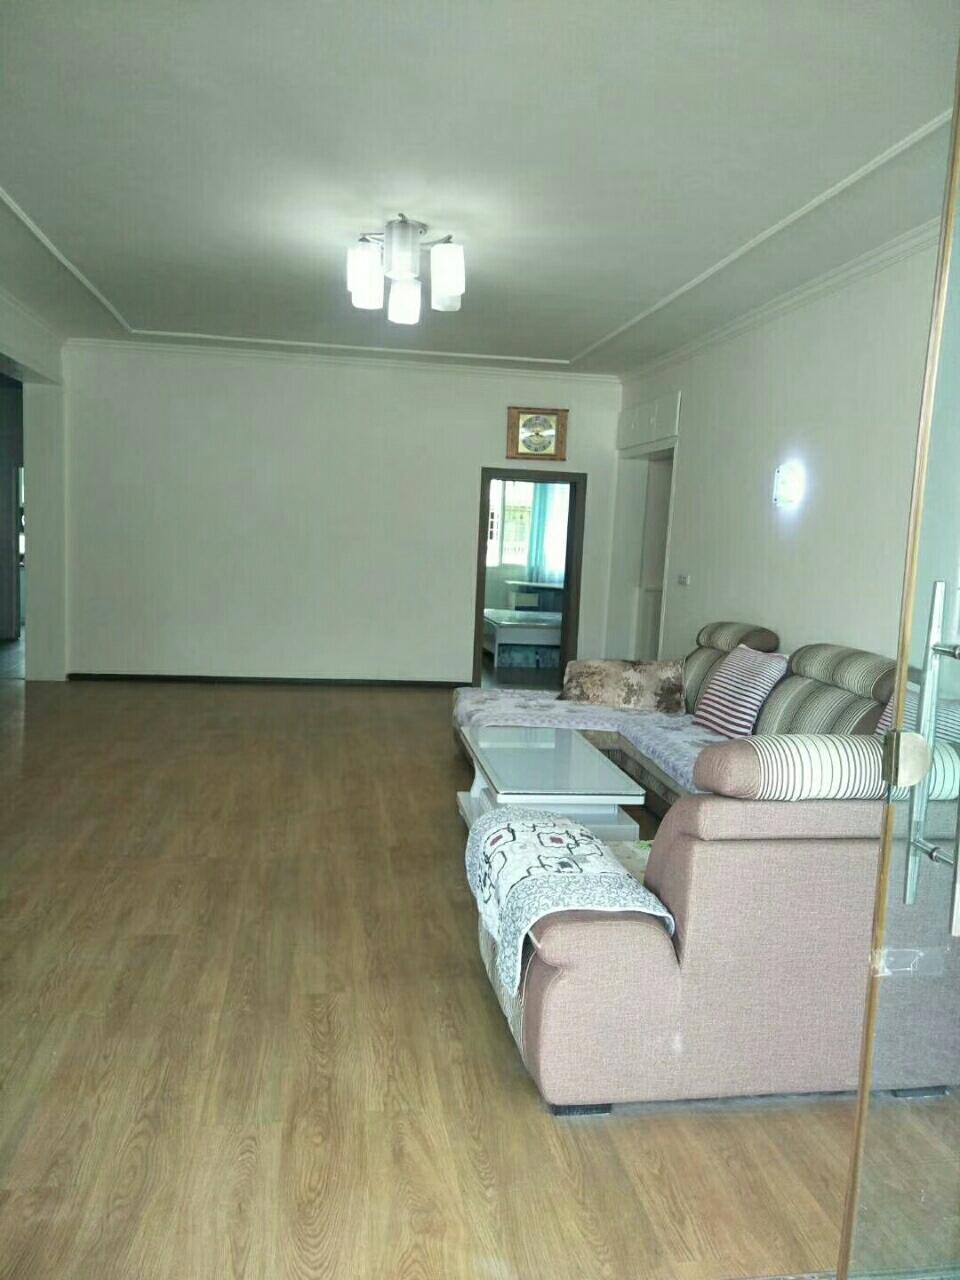 少岷花园5室 2厅 2卫62.8万元